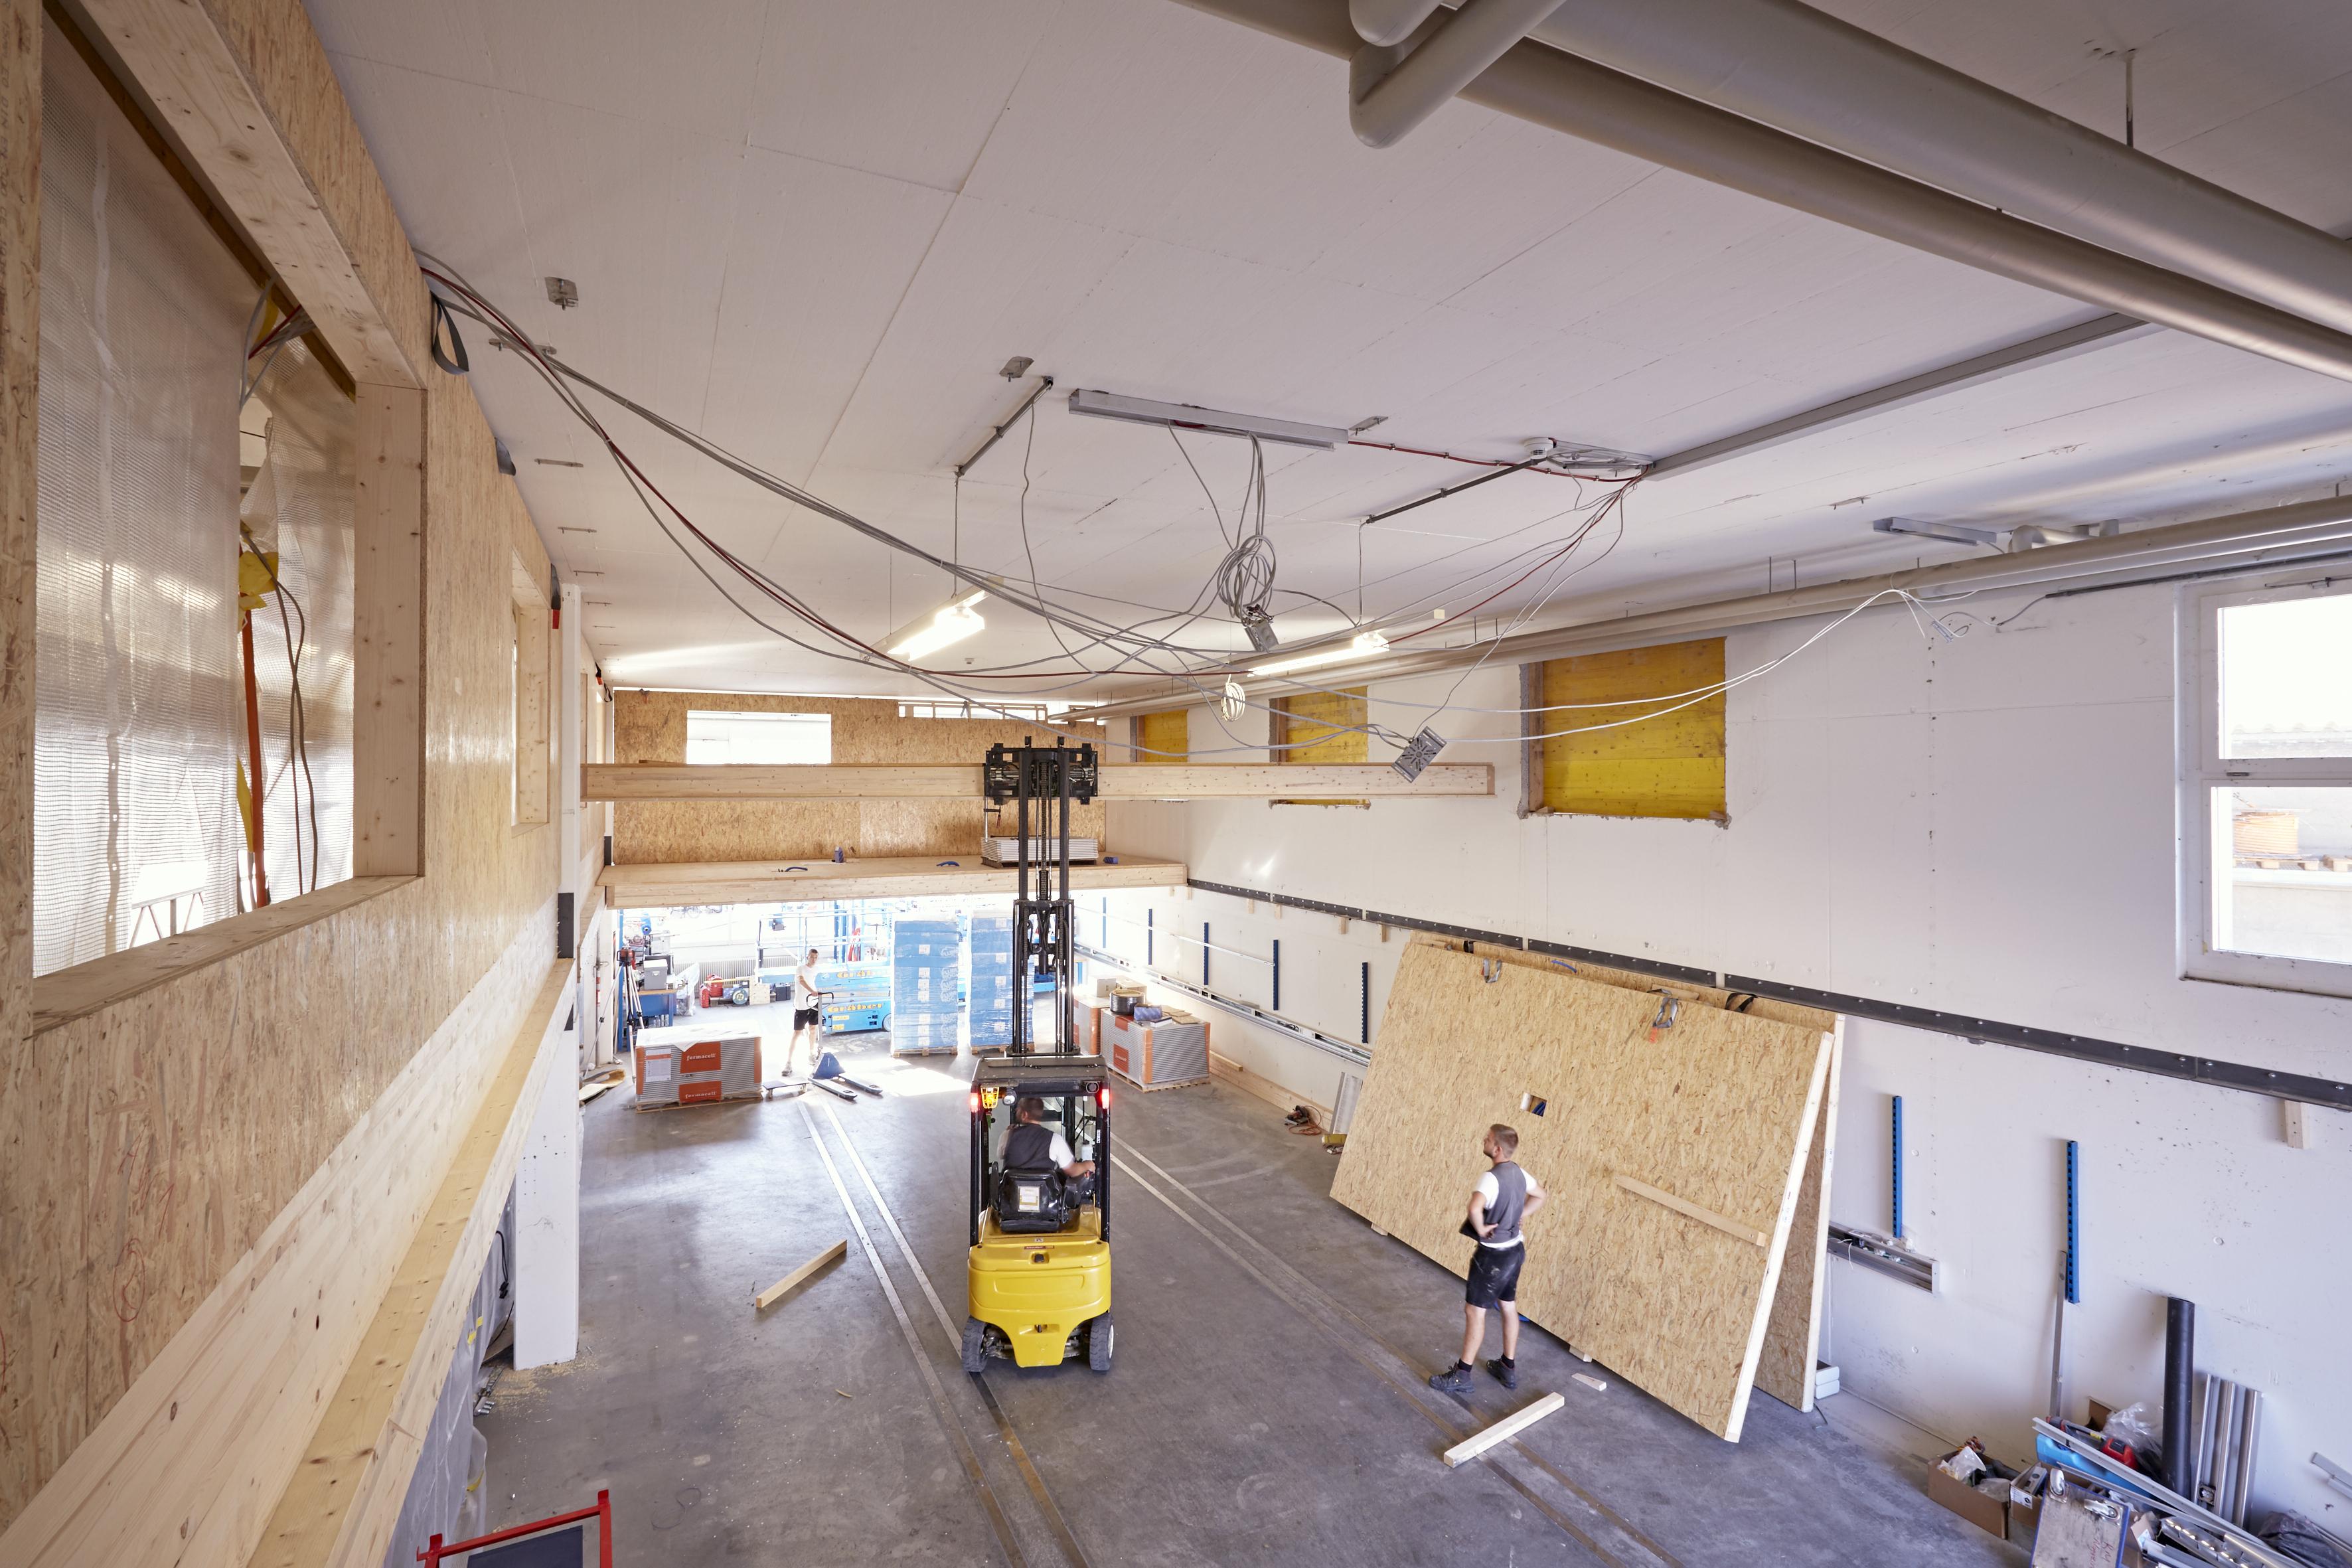 Unser Projekt nimmt Formen an – Die Umstrukturierung der BU 063 ist in vollem Gange.